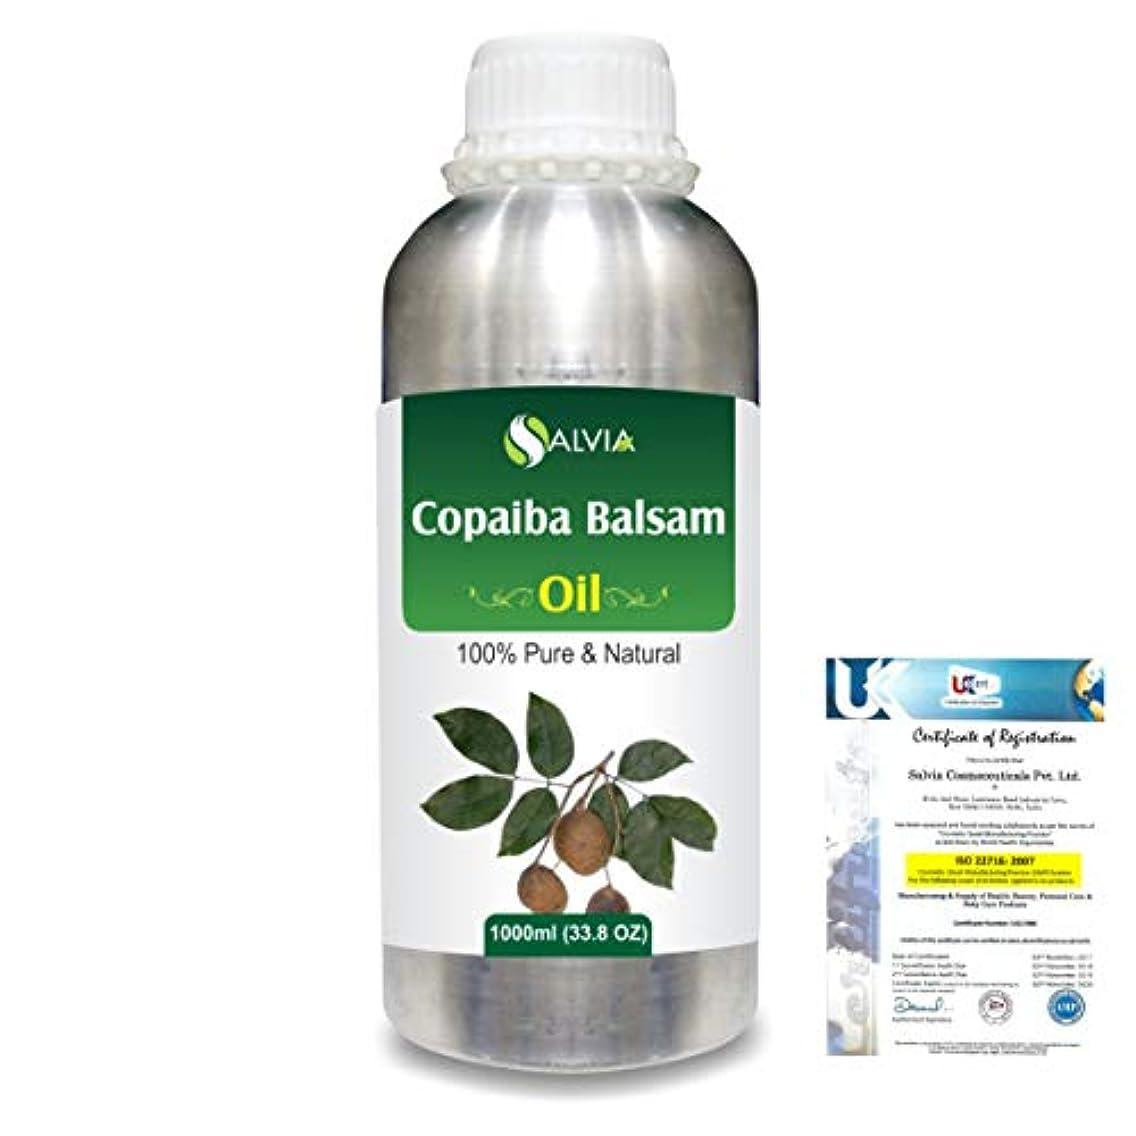 フラッシュのように素早く上昇スクラップCopaiba Balsam 100% Natural Pure Essential Oil 1000ml/33.8fl.oz.